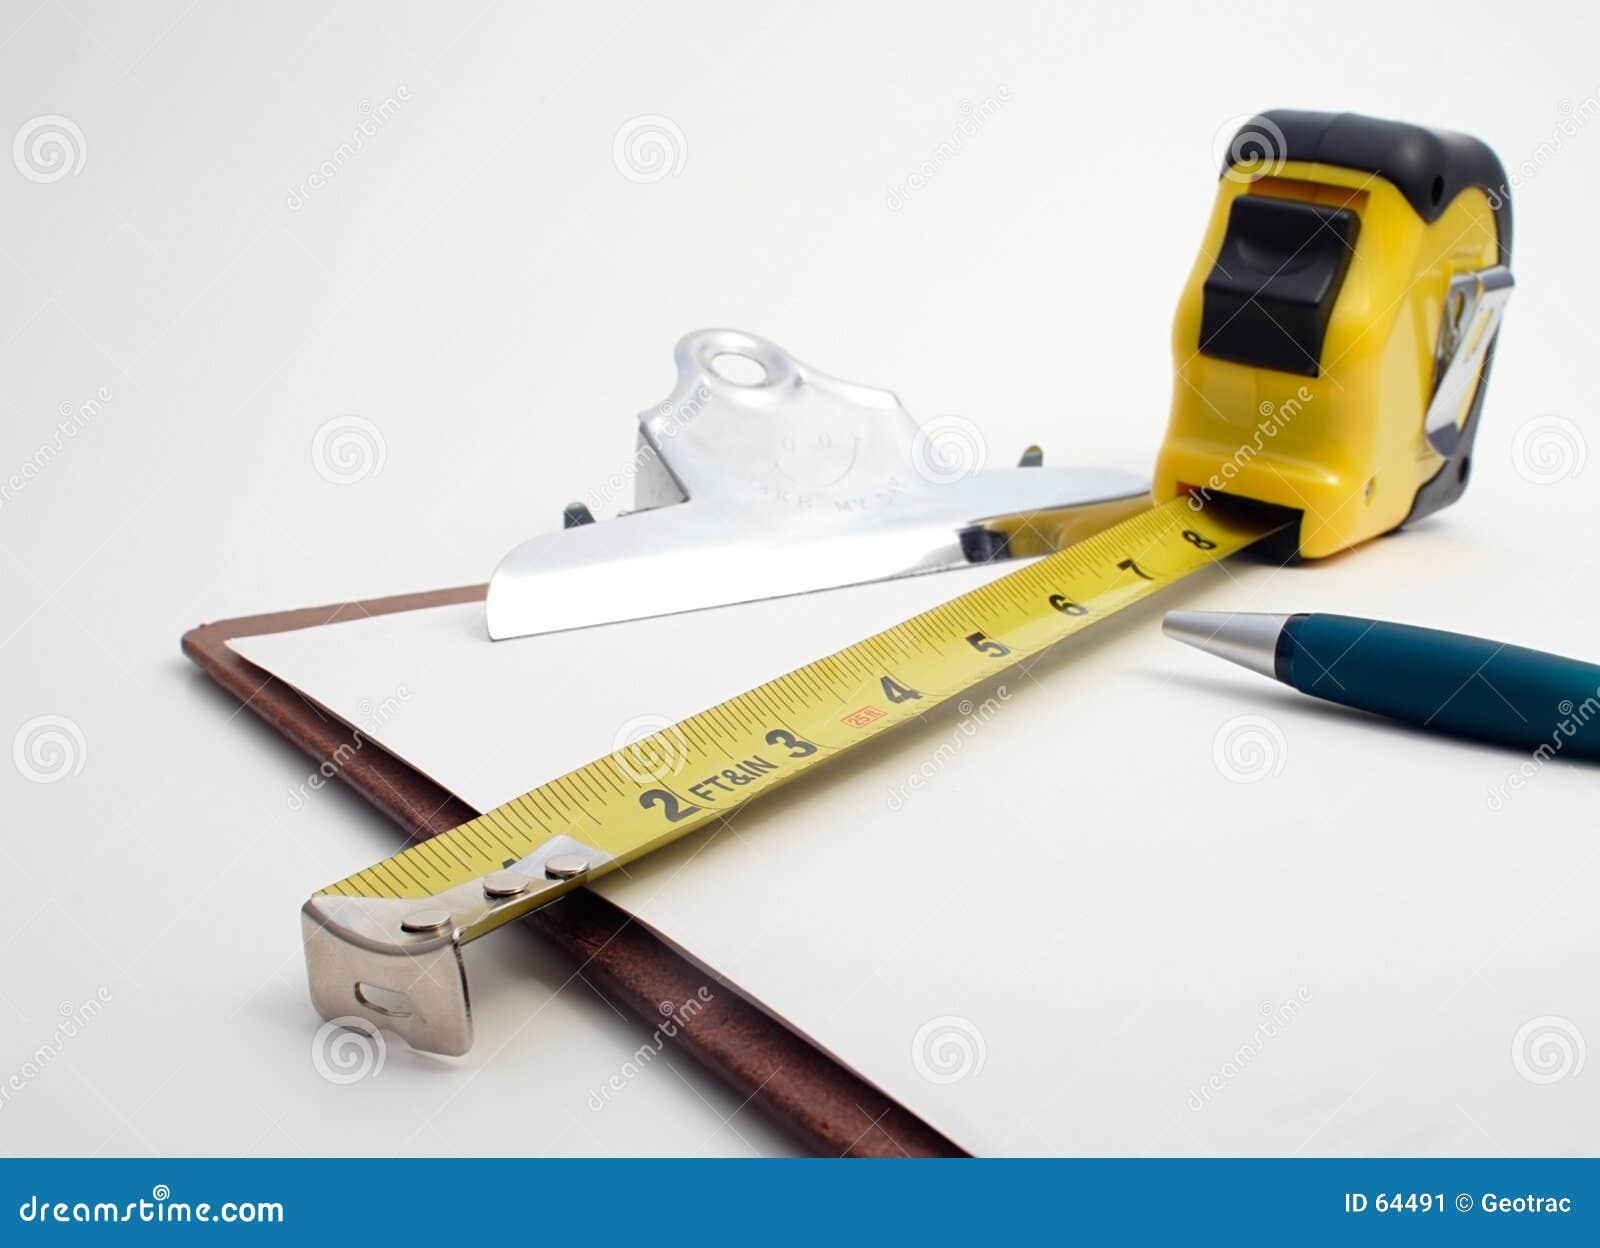 конструкция оценивая измеряя инструменты